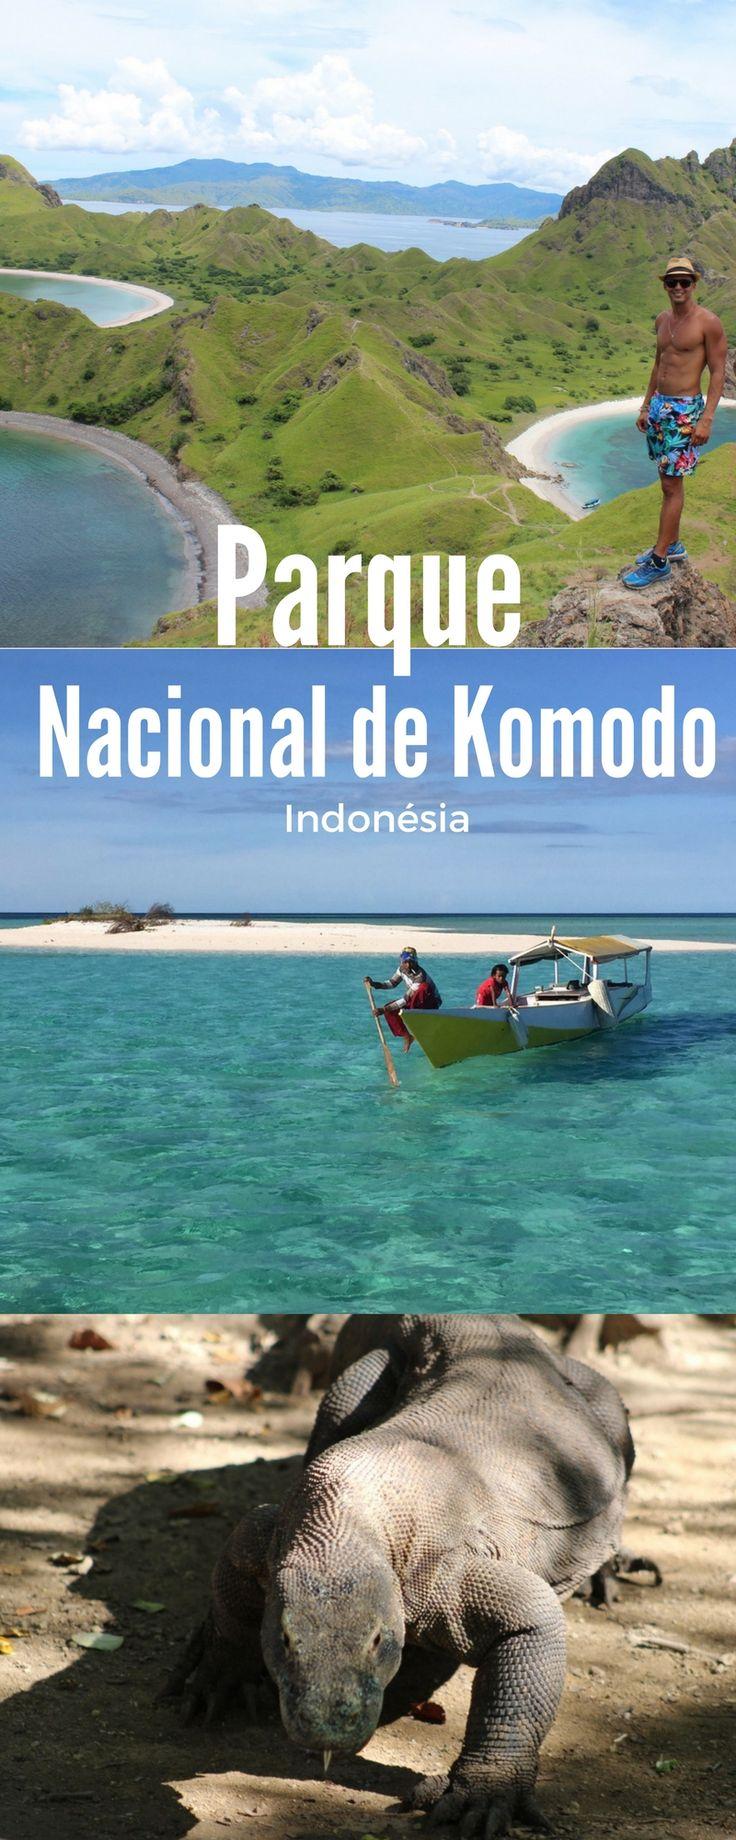 Paisagens exuberantes, dragões da era pré-histórica, ilhas paradisíacas, e até praia de areia rosa, uma das 7 praias de areia rosa do mundo. Tudo isso e muito muito mais no Parque Nacional de Komodo, na Indonésia.